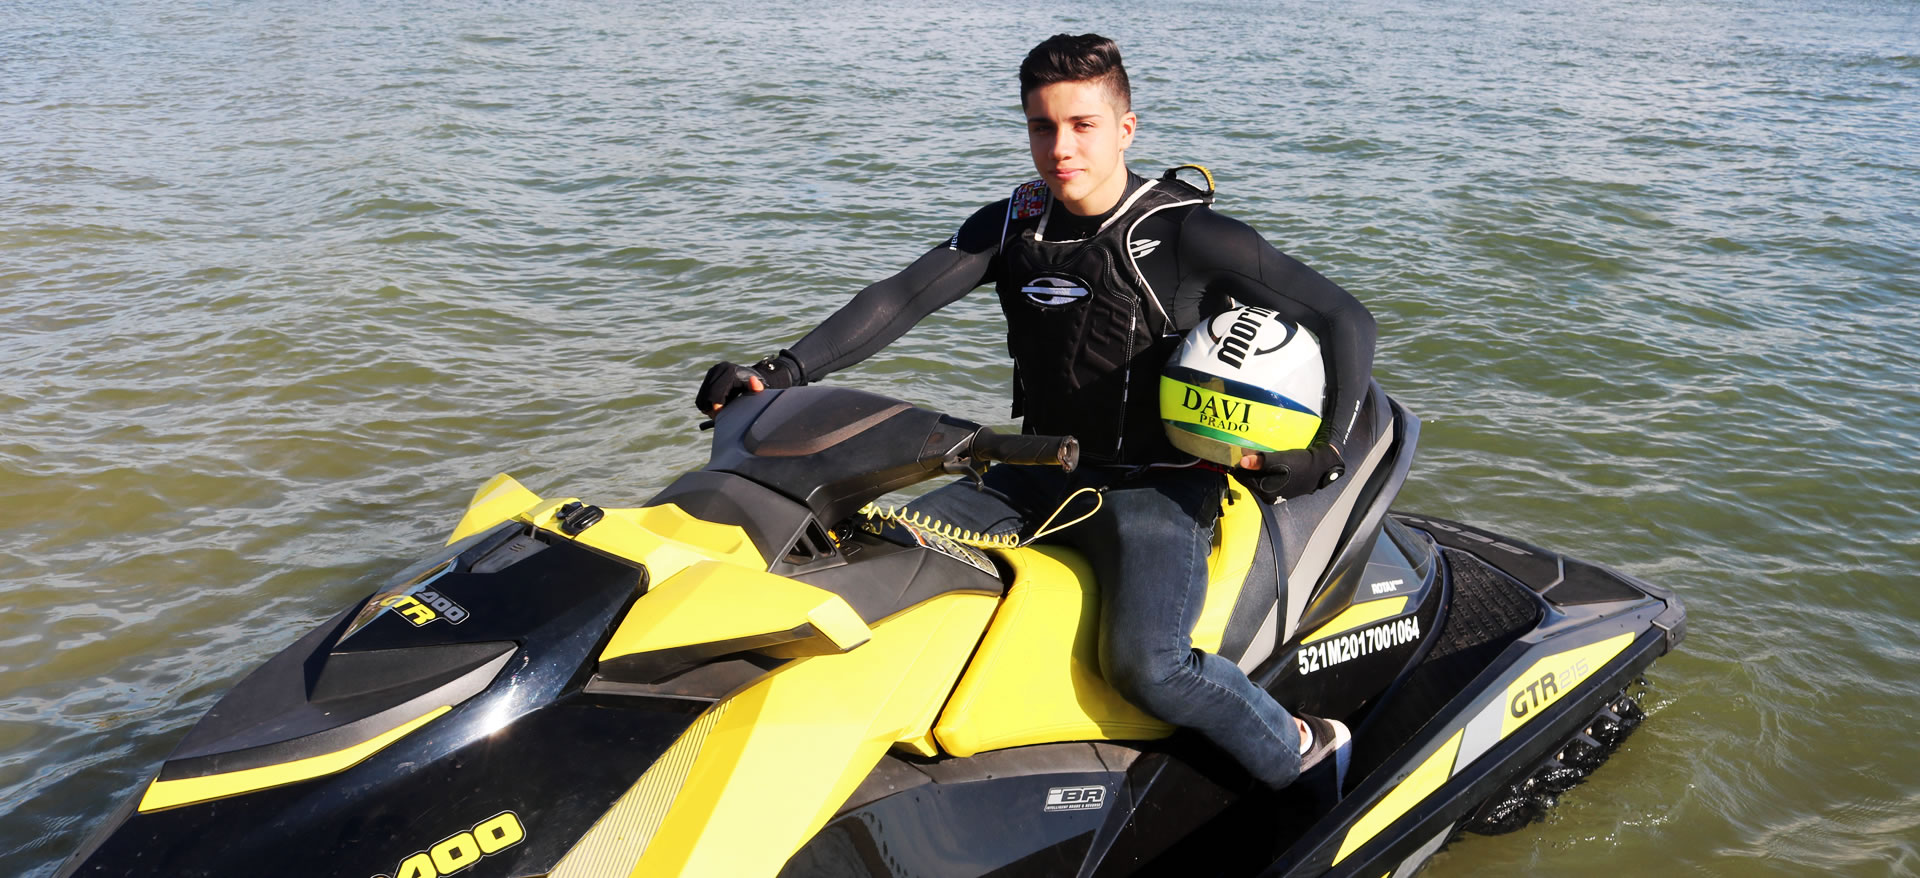 Davi Prado é bicampeão mundial de Jet ski